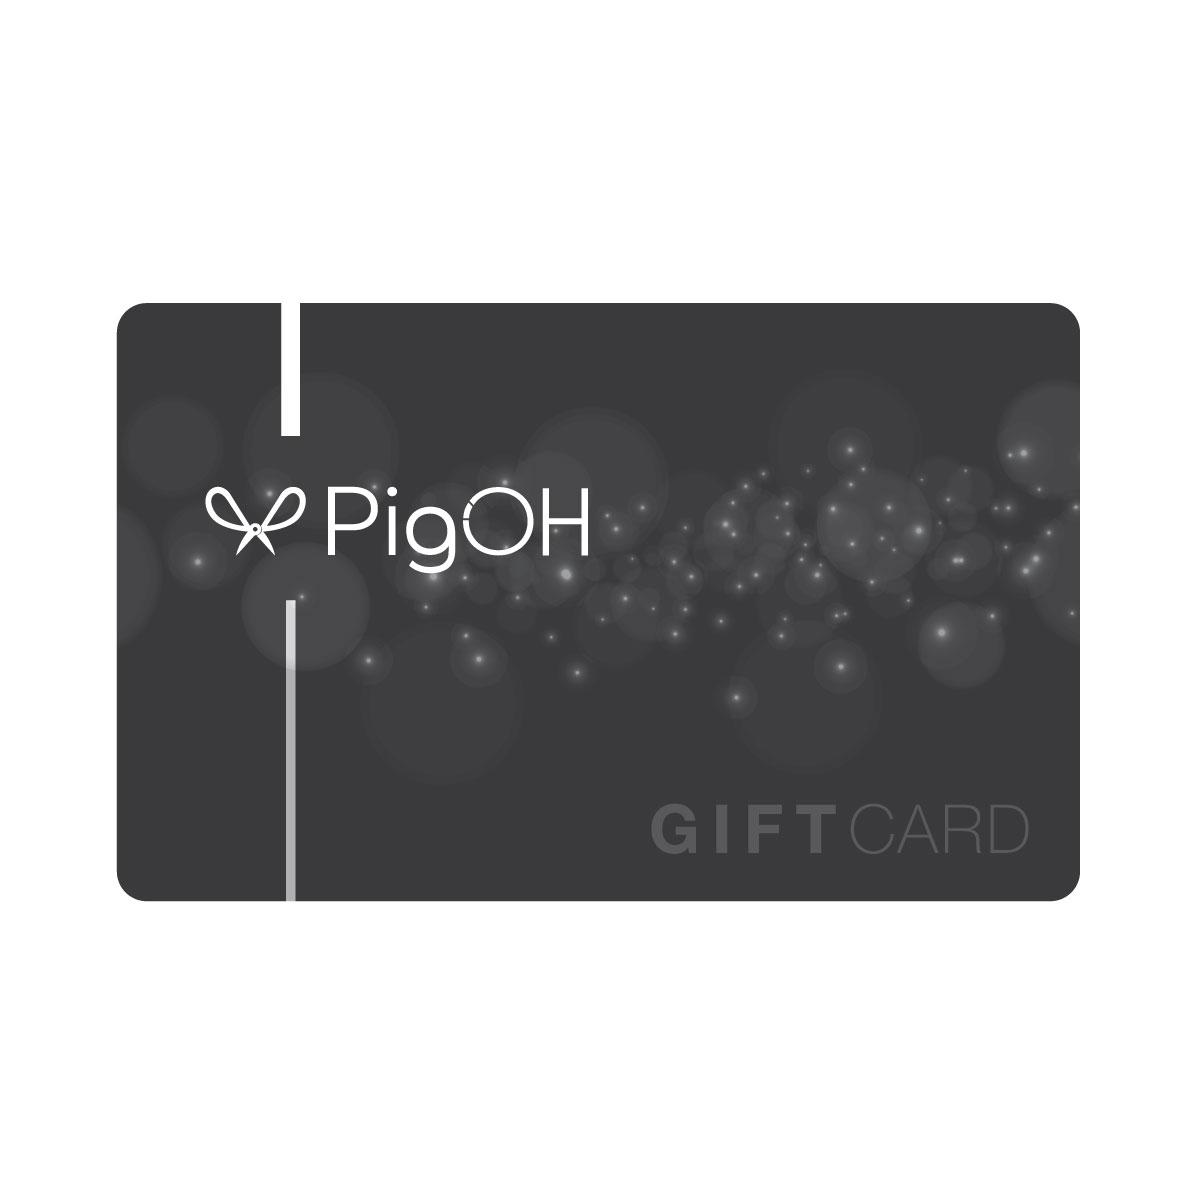 PigOh_Gift_Card